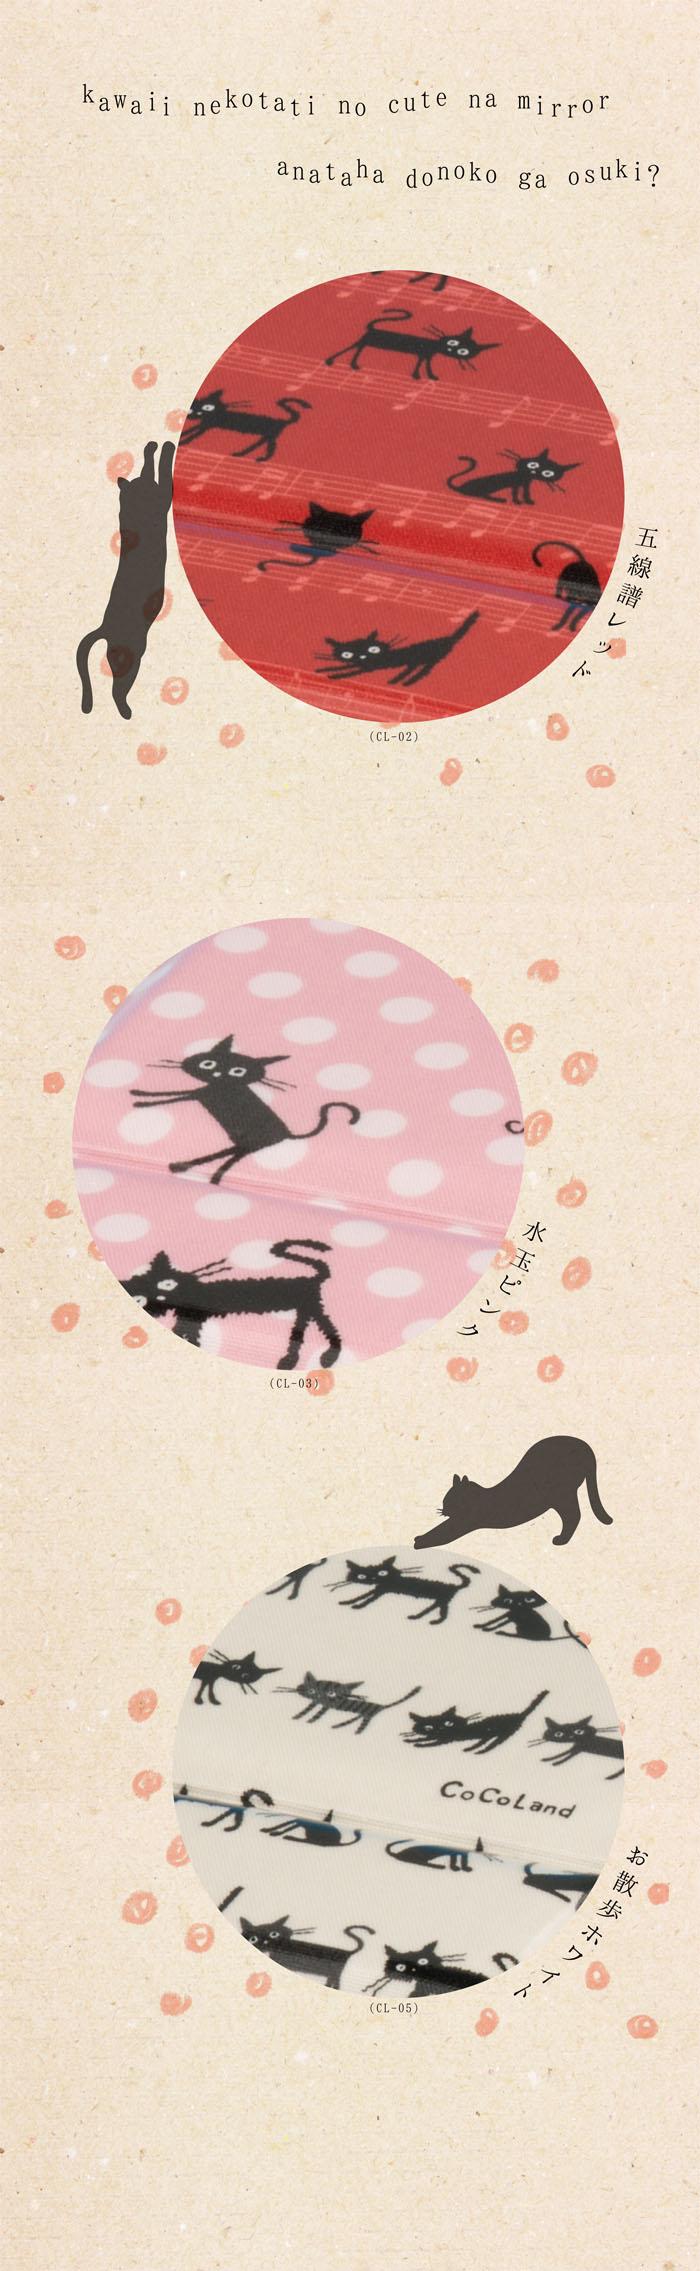 かわいいネコ柄3パターン!あなたはどのネコにする?